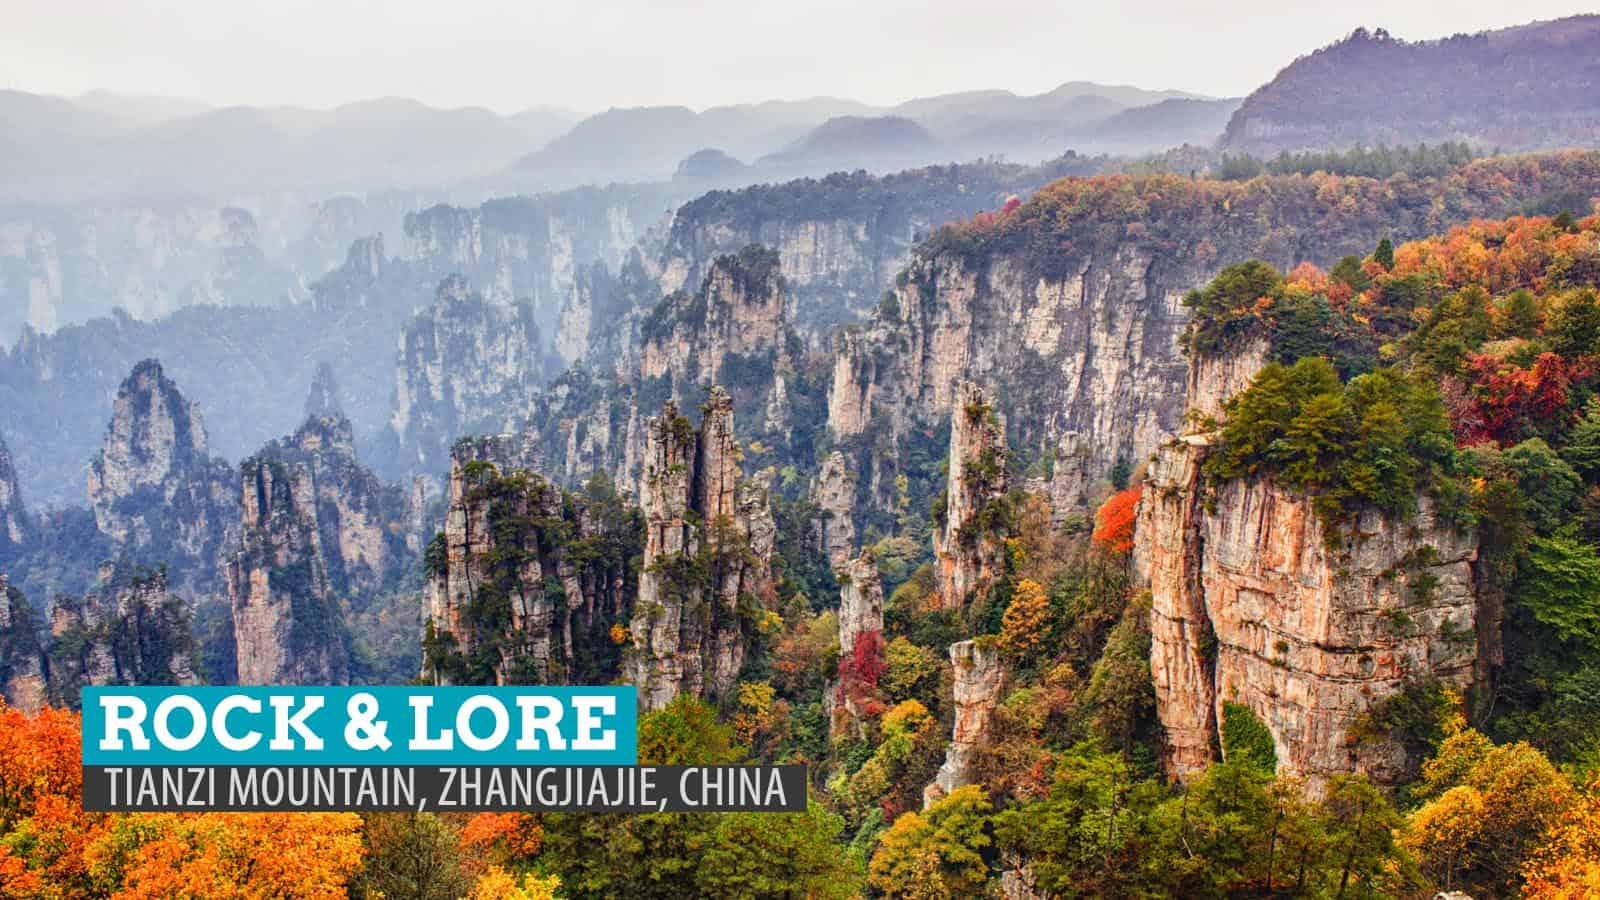 天子山。中国张家界的岩石和传说 | 穷游者的行程博客